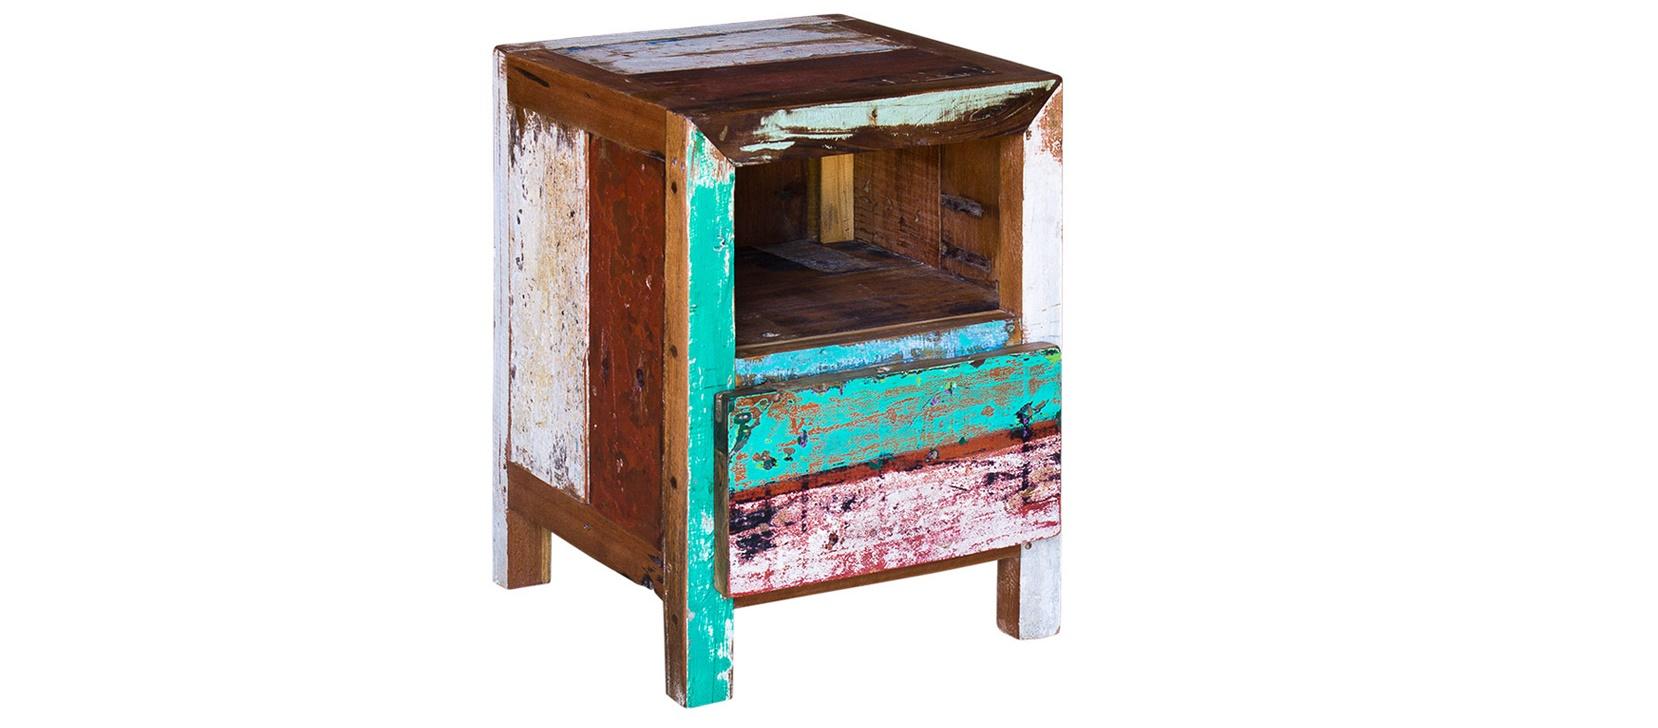 Прикроватная тумба Фон ТизПрикроватные тумбы<br>&amp;quot;Фон Тиз&amp;quot; ? тумба, которая привнесет в ваш дом или двор очарование стиля кантри. Старинная корабельная древесина из Индонезии поделится с ним своим теплом. История, заключенная в антикварной отделке, добавляет нарочито простому дизайну оригинальность.&amp;lt;div&amp;gt;&amp;lt;br&amp;gt;&amp;lt;/div&amp;gt;&amp;lt;div&amp;gt;Тумба, выполненная из старой рыбацкой лодки с сохранением оригинальной многослойной окраски.&amp;lt;/div&amp;gt;&amp;lt;div&amp;gt;Имеет 1 открывающуюся дверцу, 1 полку внутри и 1 открытую полку.&amp;lt;/div&amp;gt;&amp;lt;div&amp;gt;Подходит для использования как внутри помещения, так и снаружи.&amp;lt;/div&amp;gt;&amp;lt;div&amp;gt;Сборка не требуется.&amp;lt;/div&amp;gt;&amp;lt;div&amp;gt;Страна производитель - Индонезия.&amp;lt;/div&amp;gt;<br><br>Material: Тик<br>Ширина см: 60<br>Высота см: 40